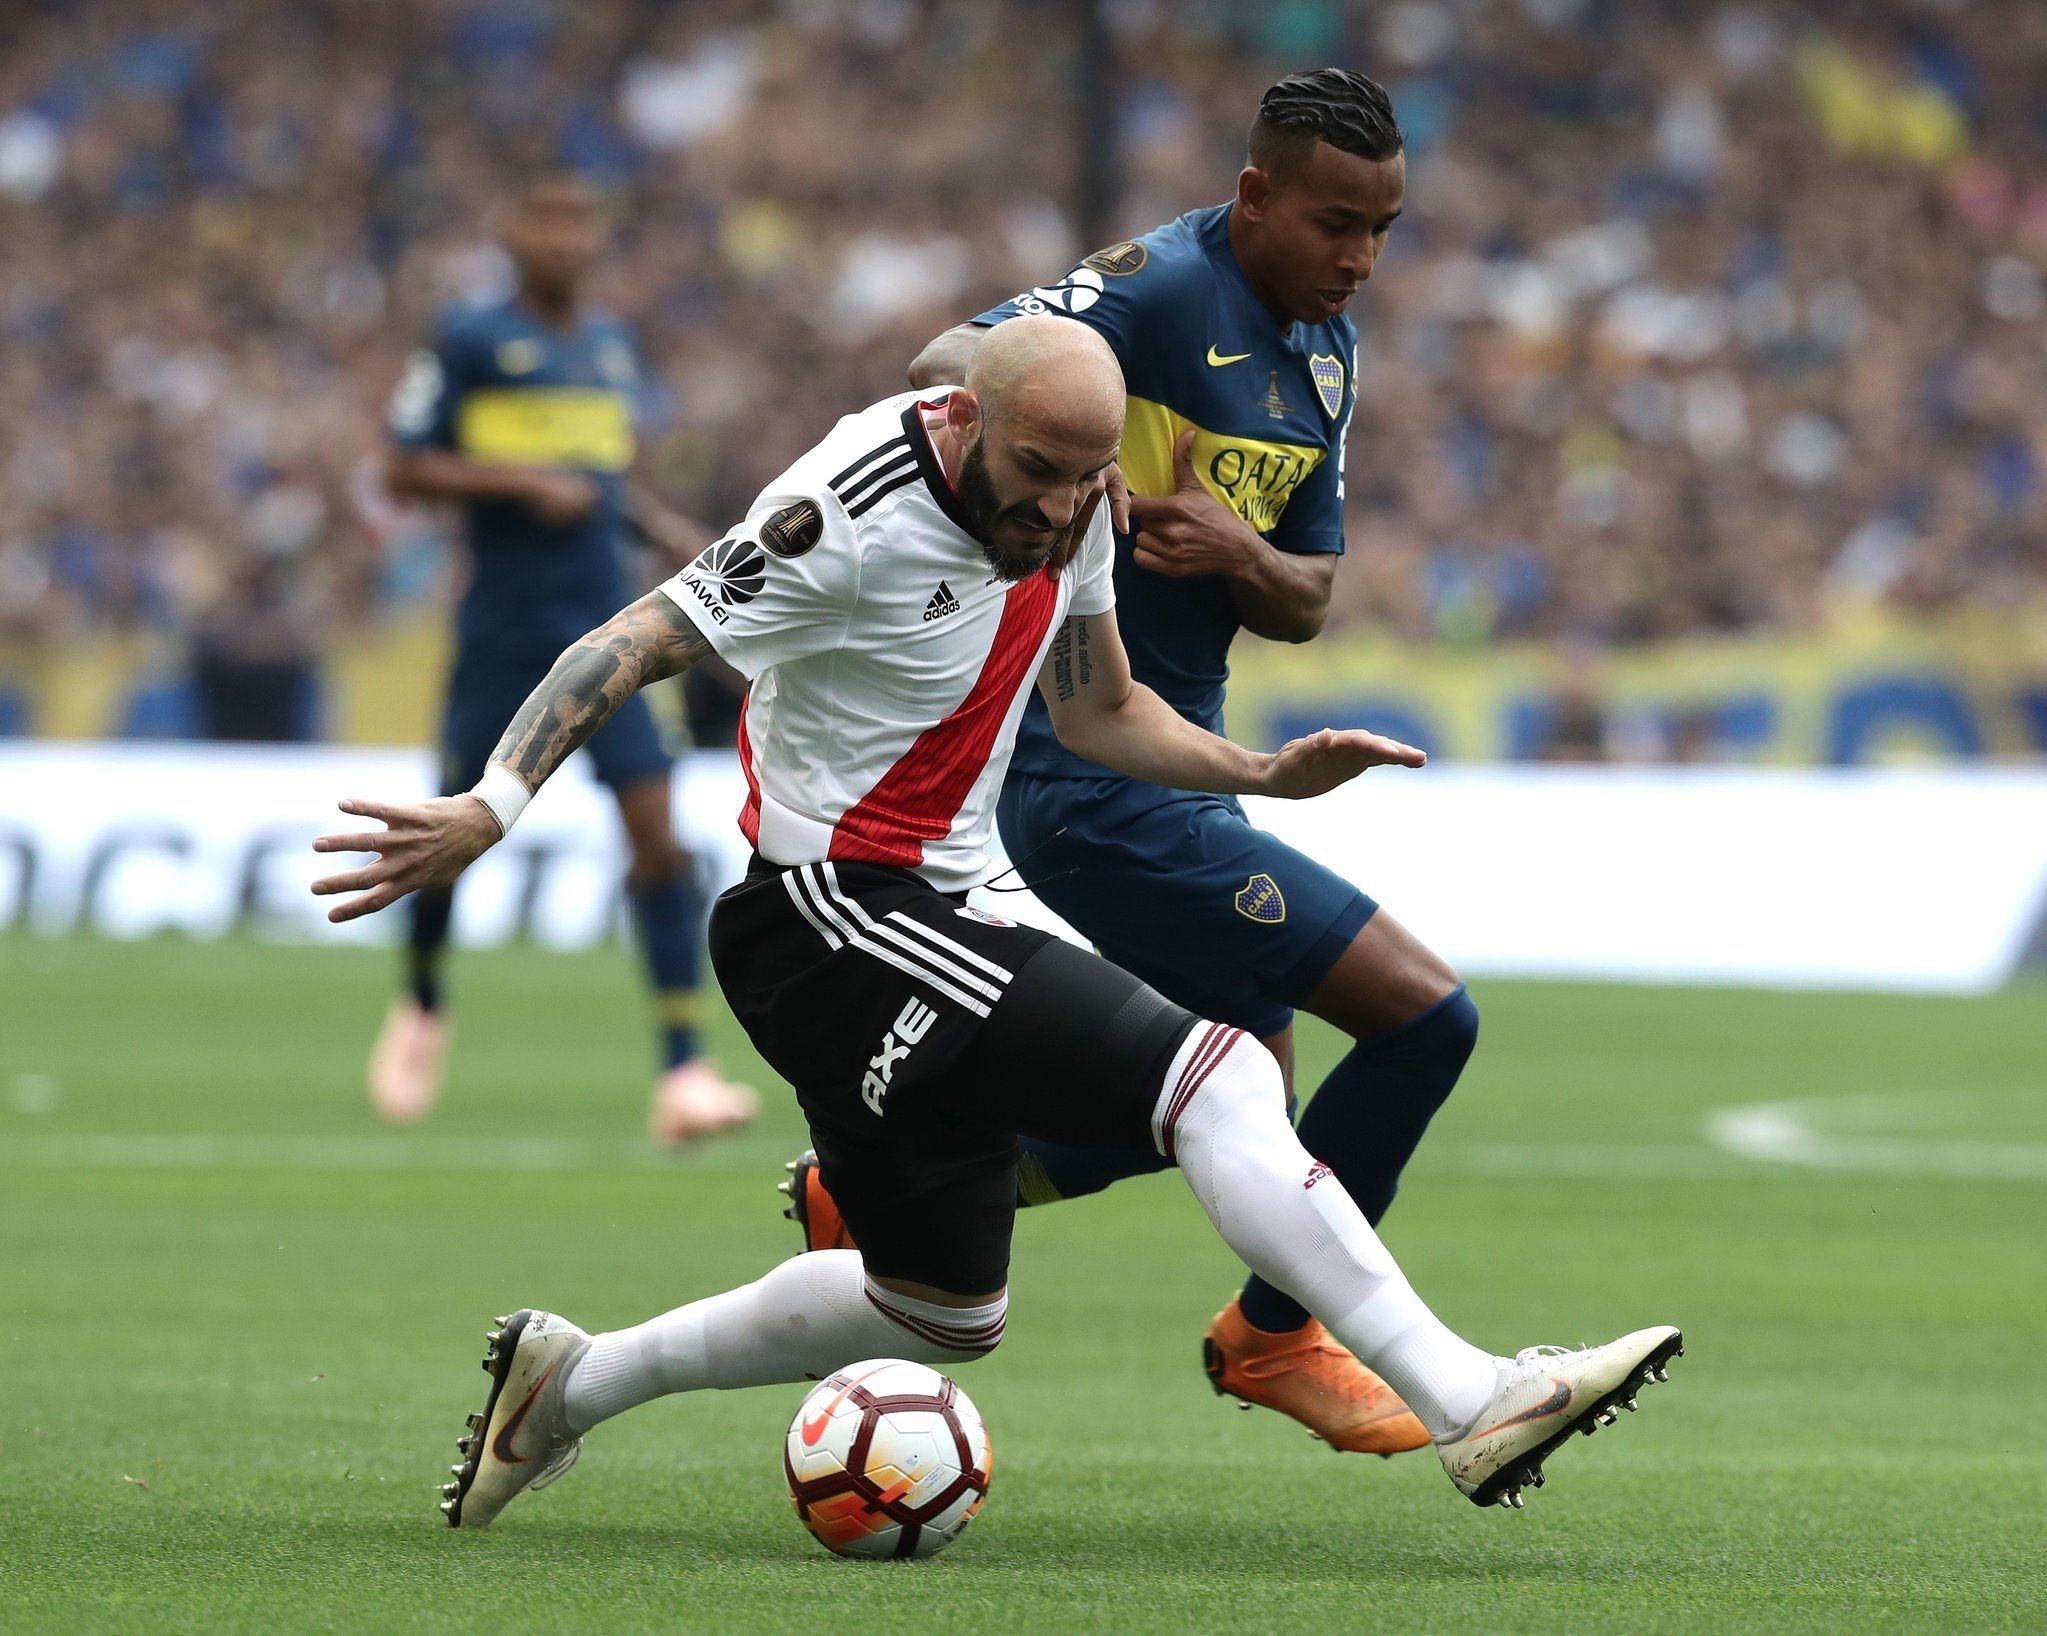 Fixture de la Superliga 2019/20: el Superclásico se jugará el 1° de septiembre en el Monumental